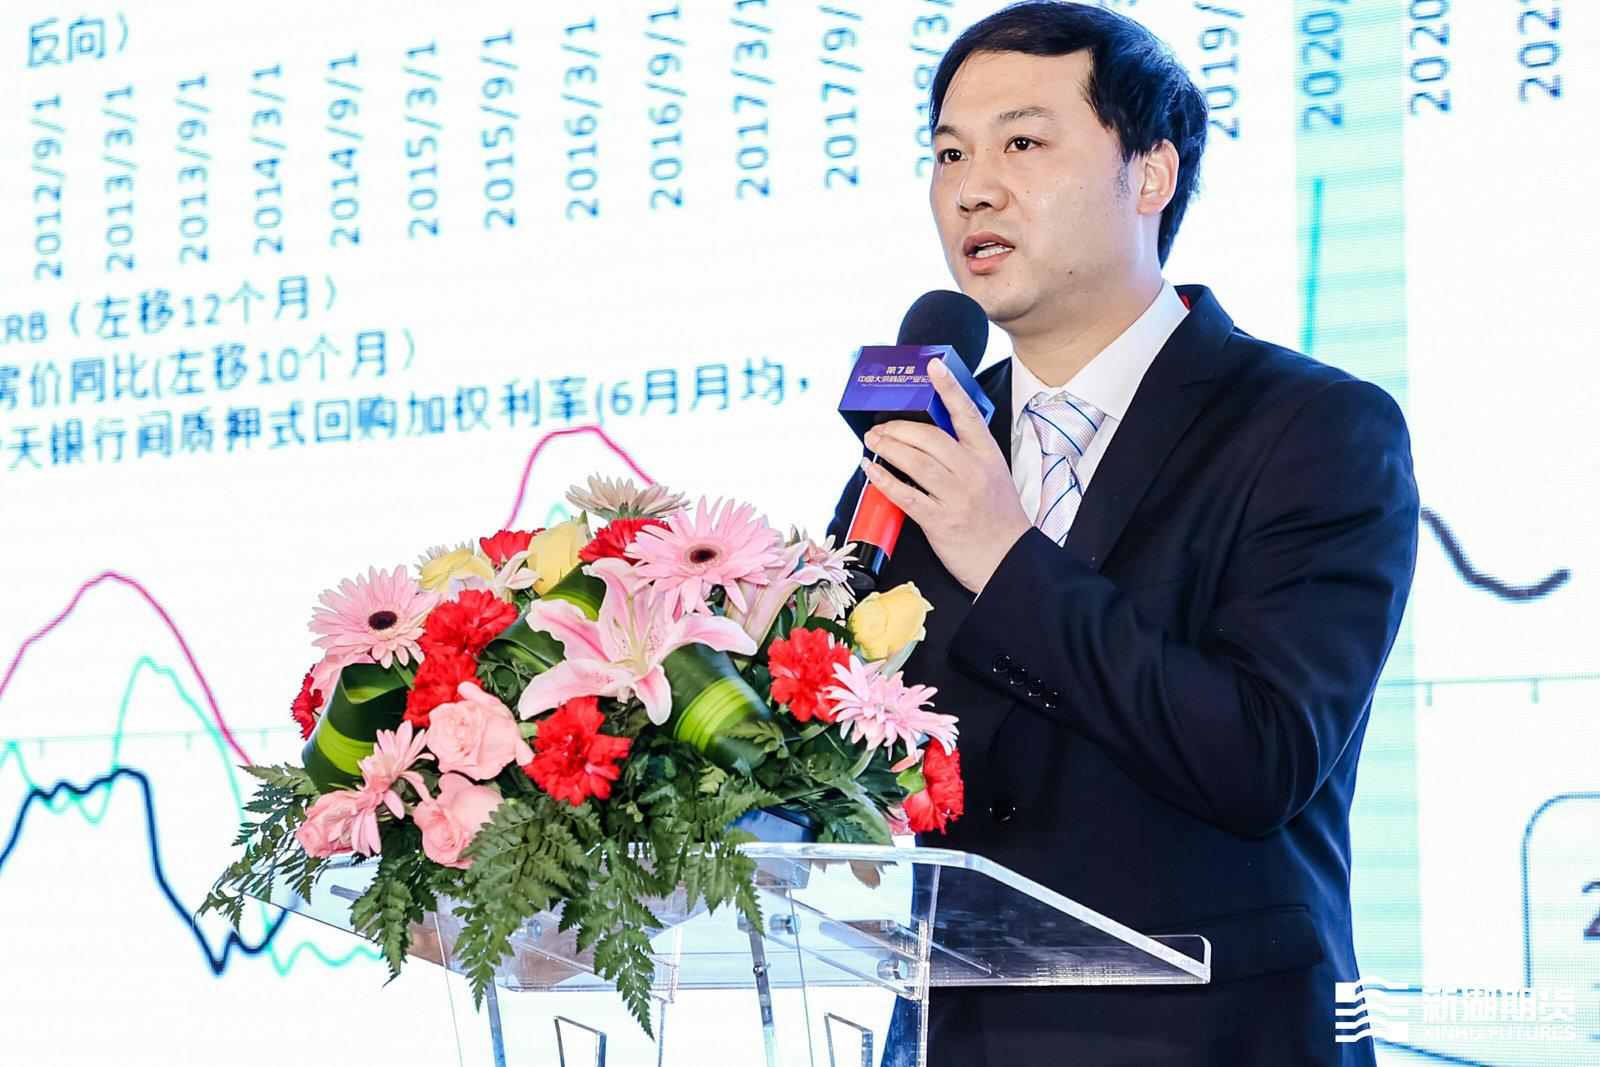 【第七届中国大宗商品产业论坛】主题演讲—复苏年大宗商品的危与机